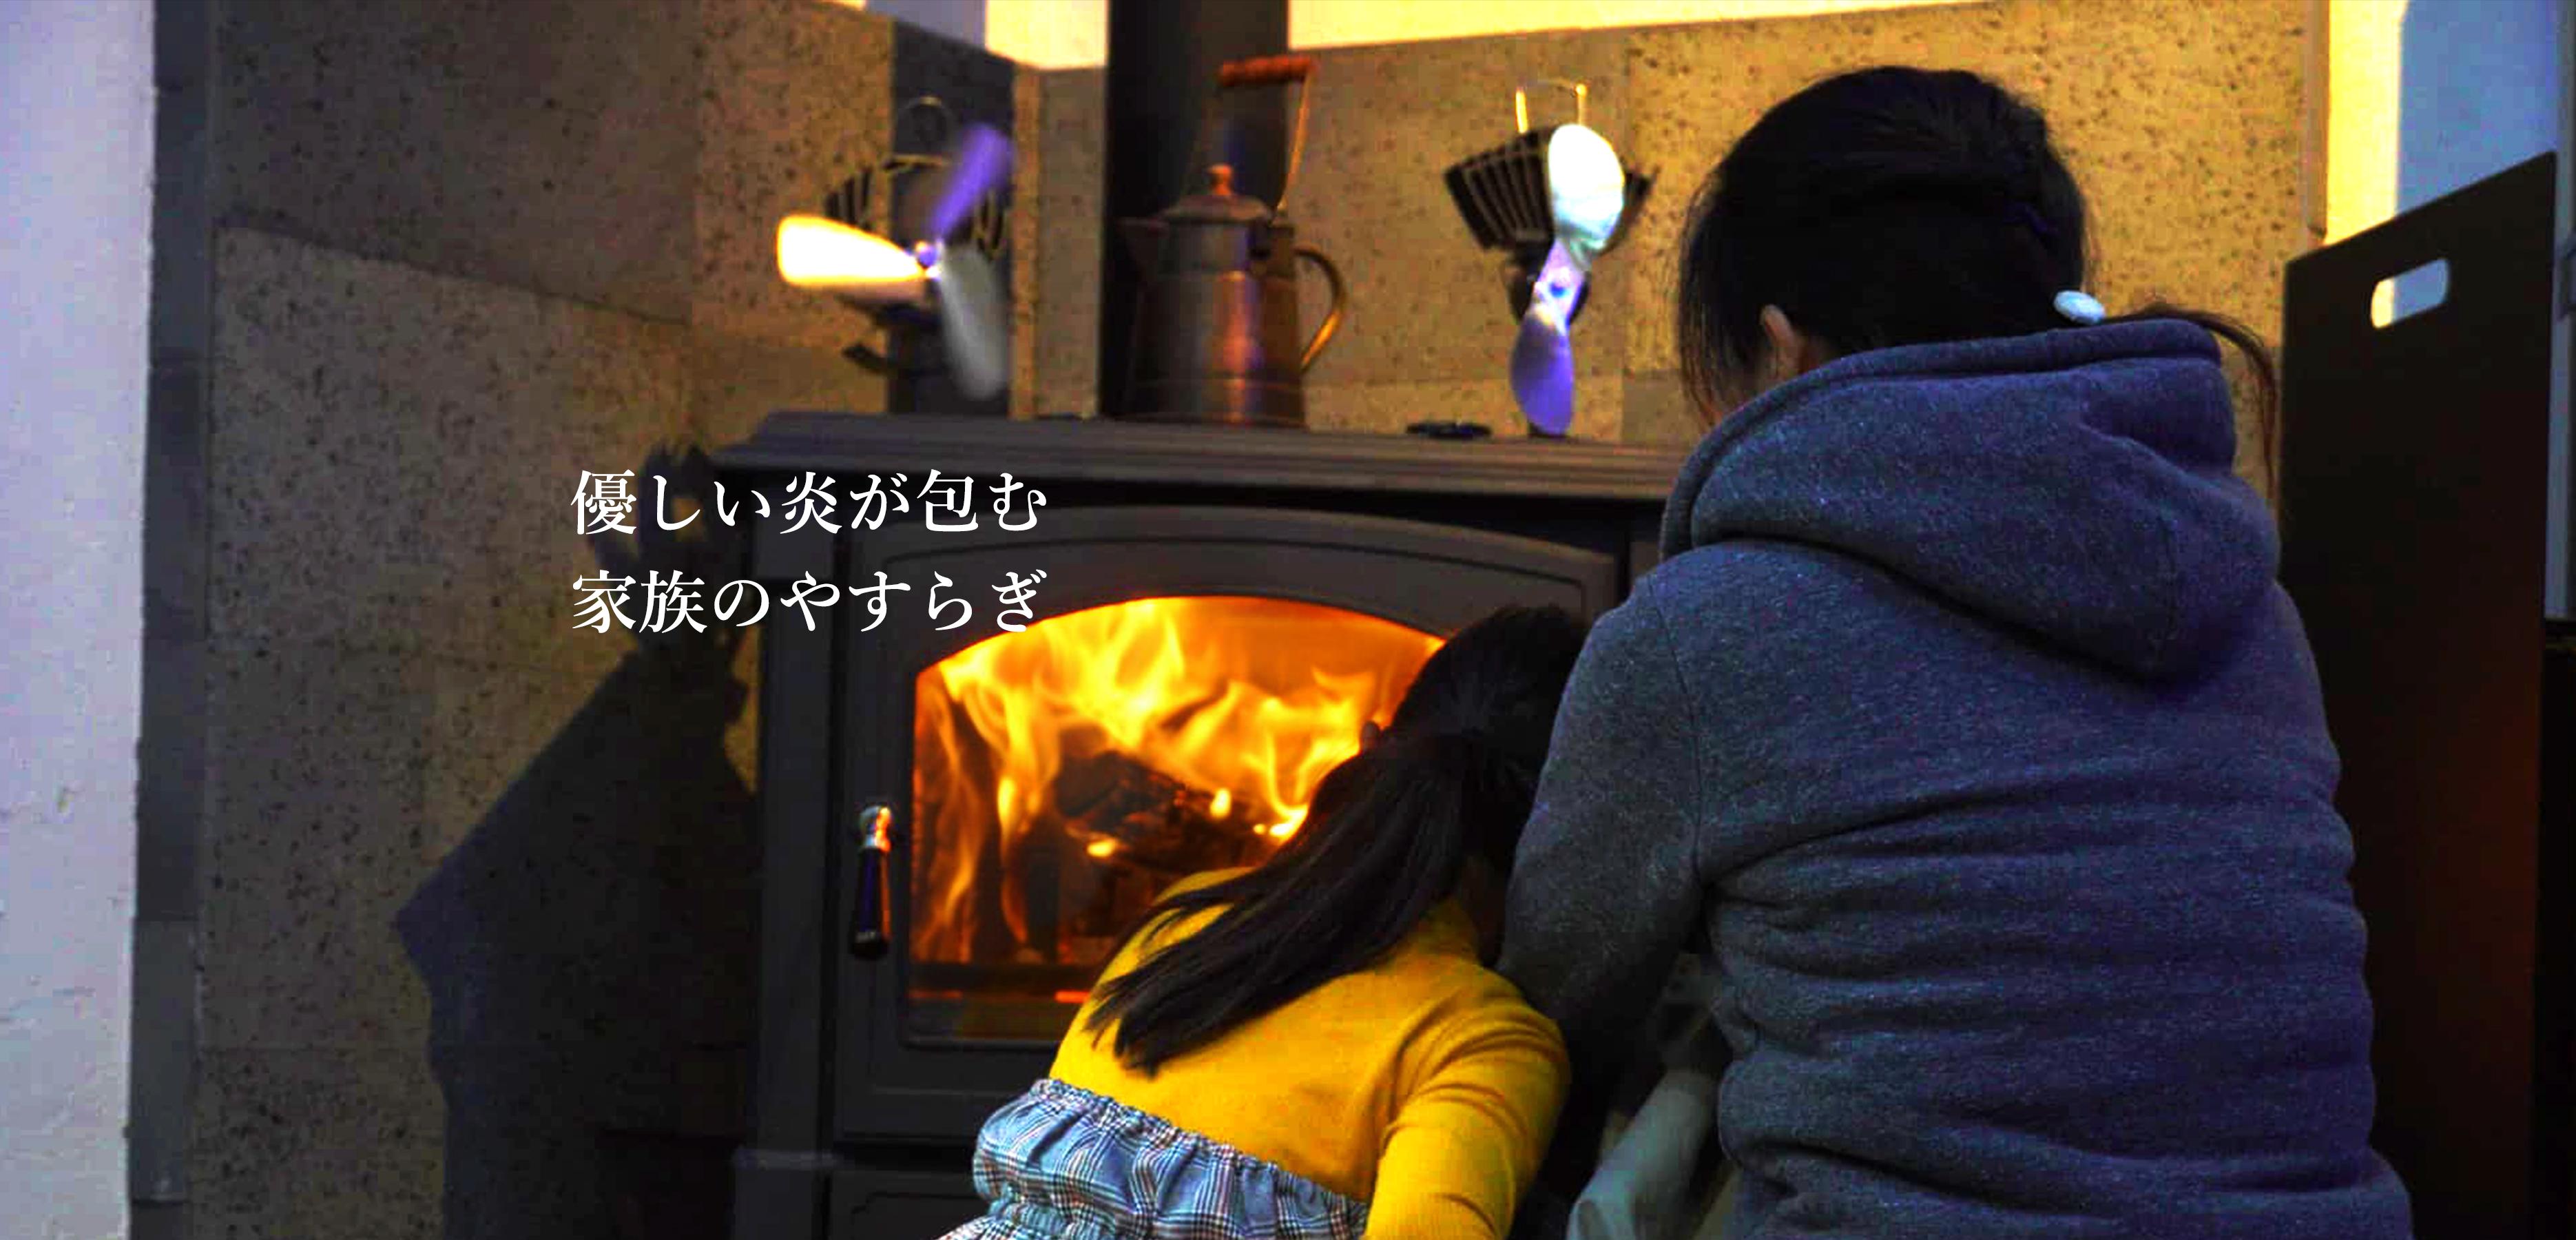 メイン|薪ストーブなごみ|熊本の薪ストーブ専門店|薪ストーブ設置工事|アウトドア用品